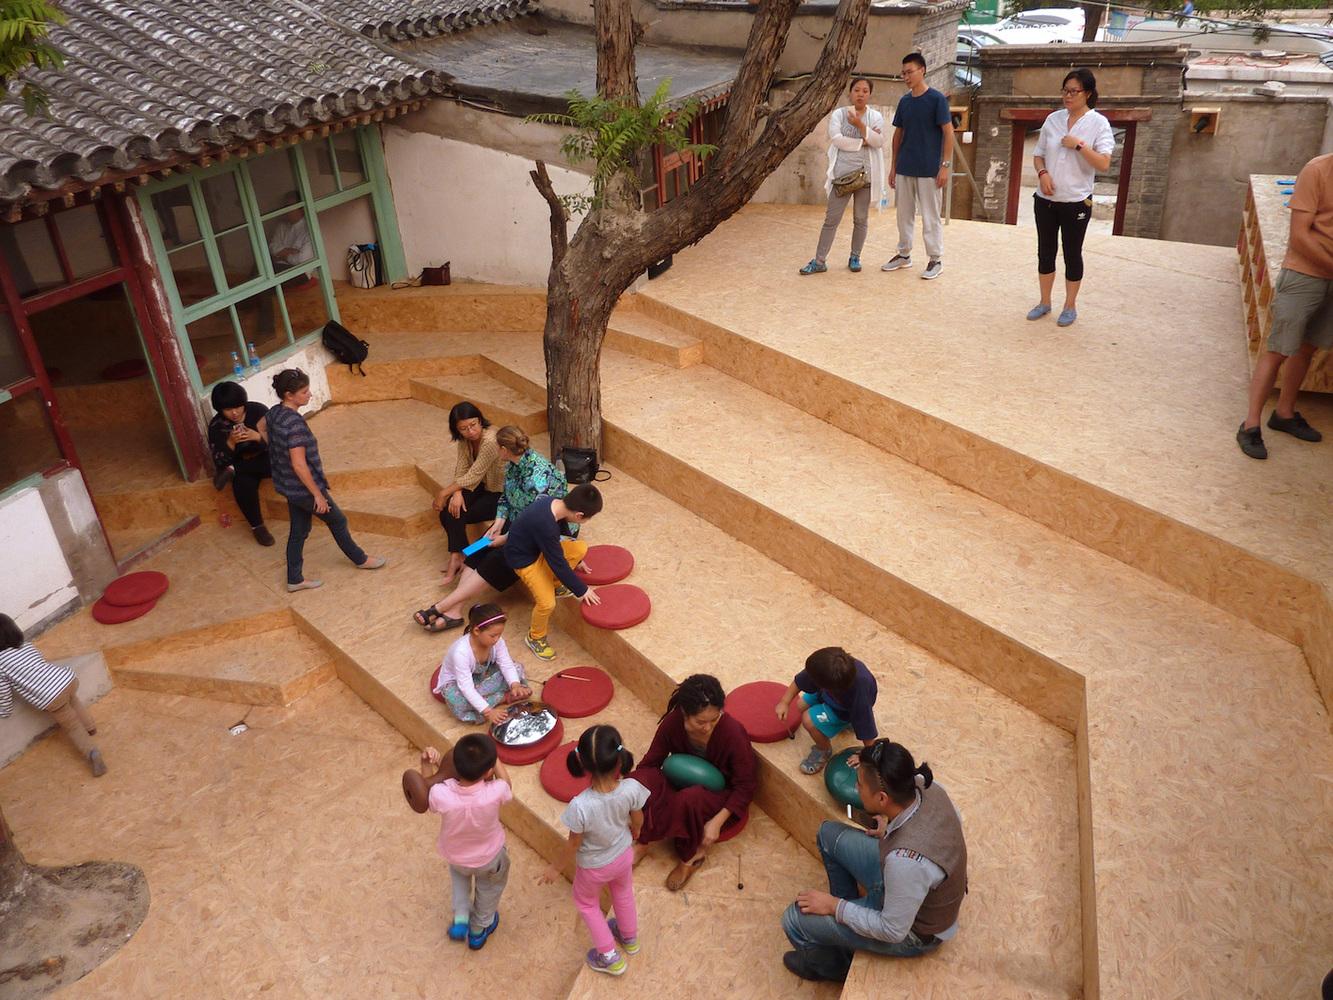 中国の伝統的な庭が映画館に。コミュニティを重視したオープンスペース